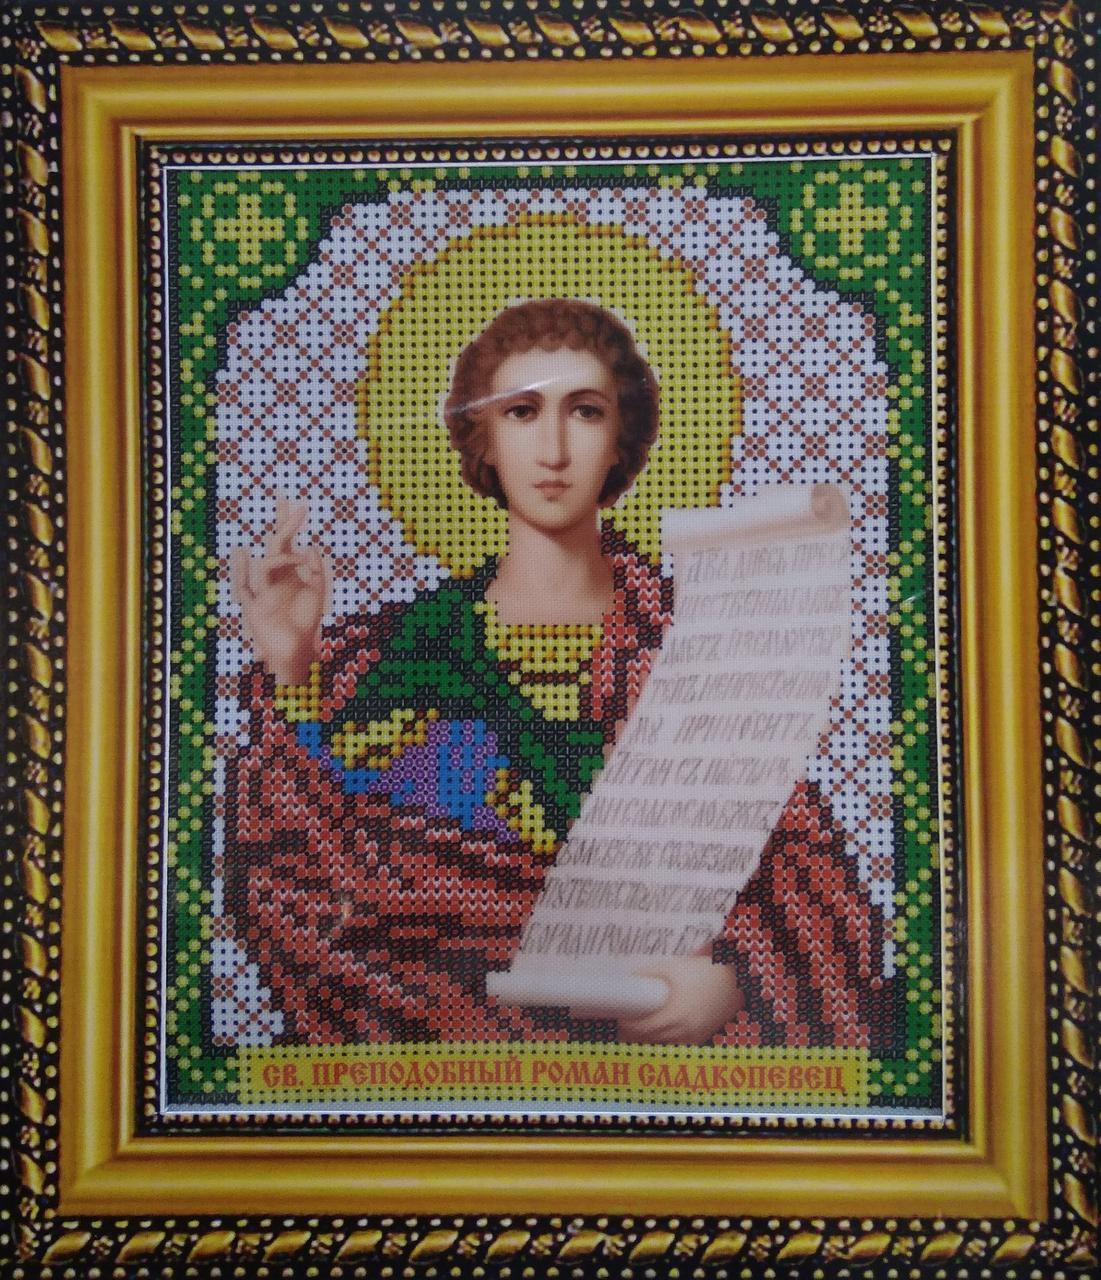 Набор для вышивки бисером ArtWork икона Святой Преподобный Роман Сладкопевец VIA 5031